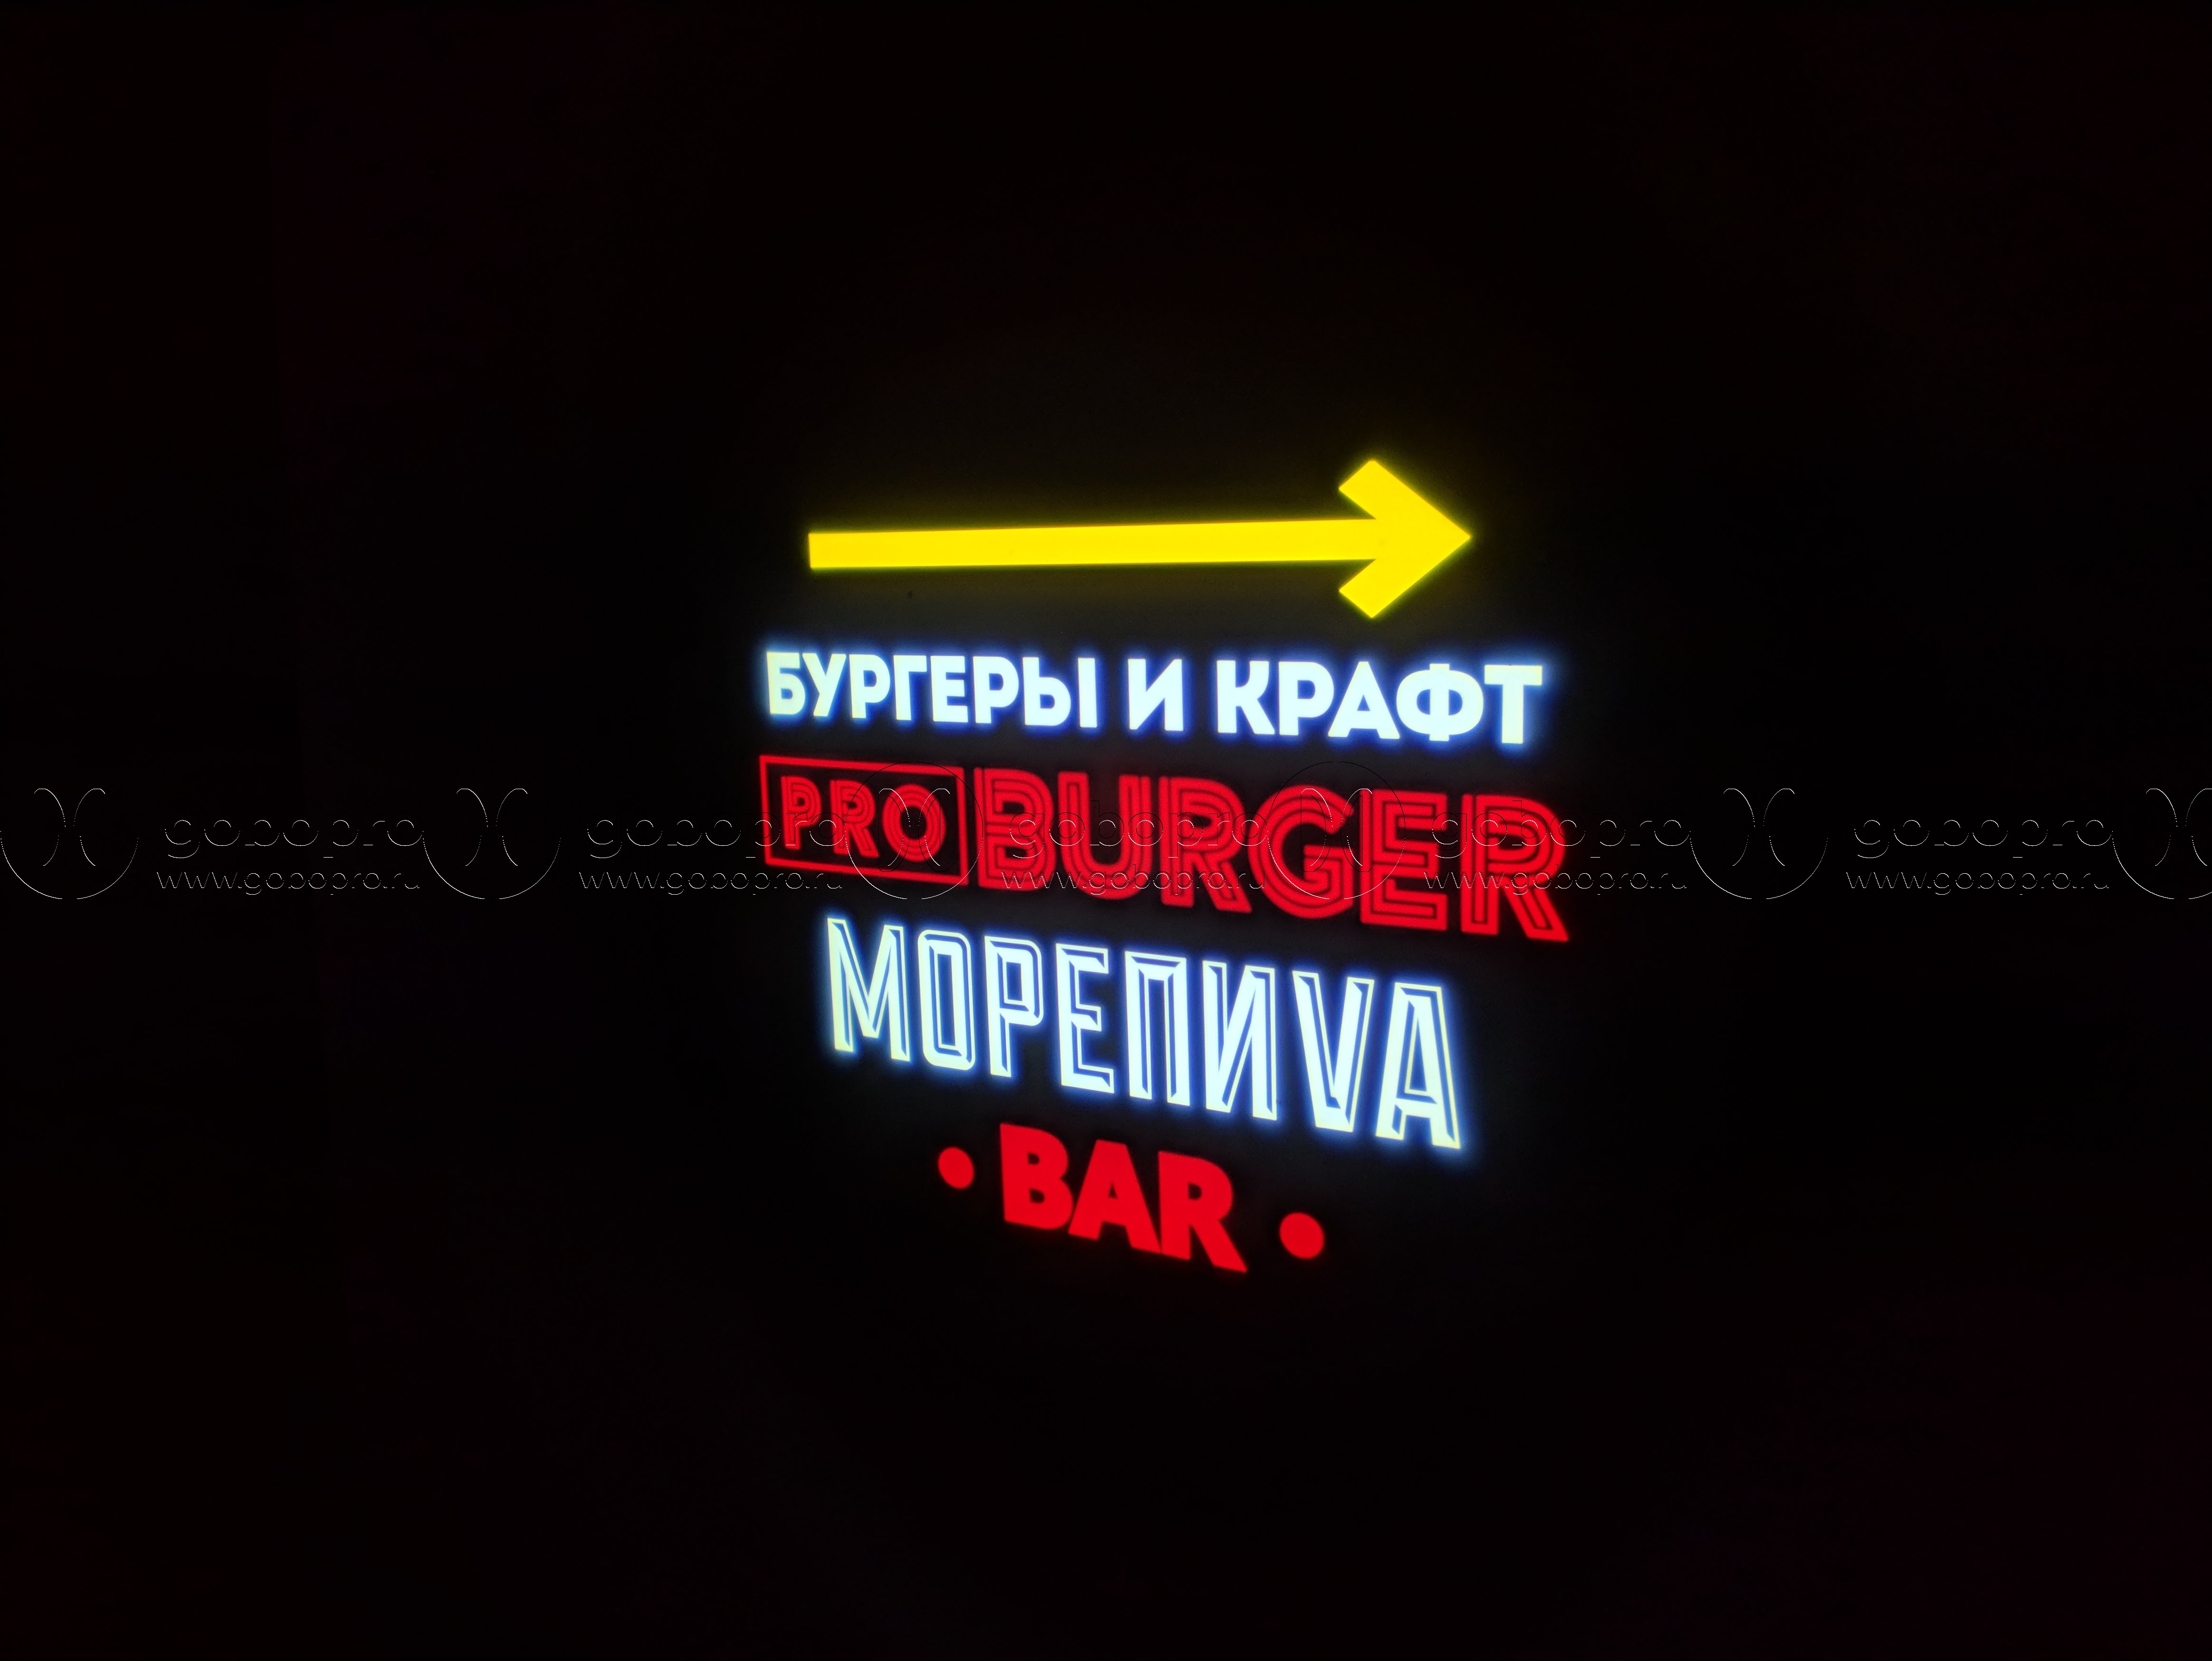 МореПива